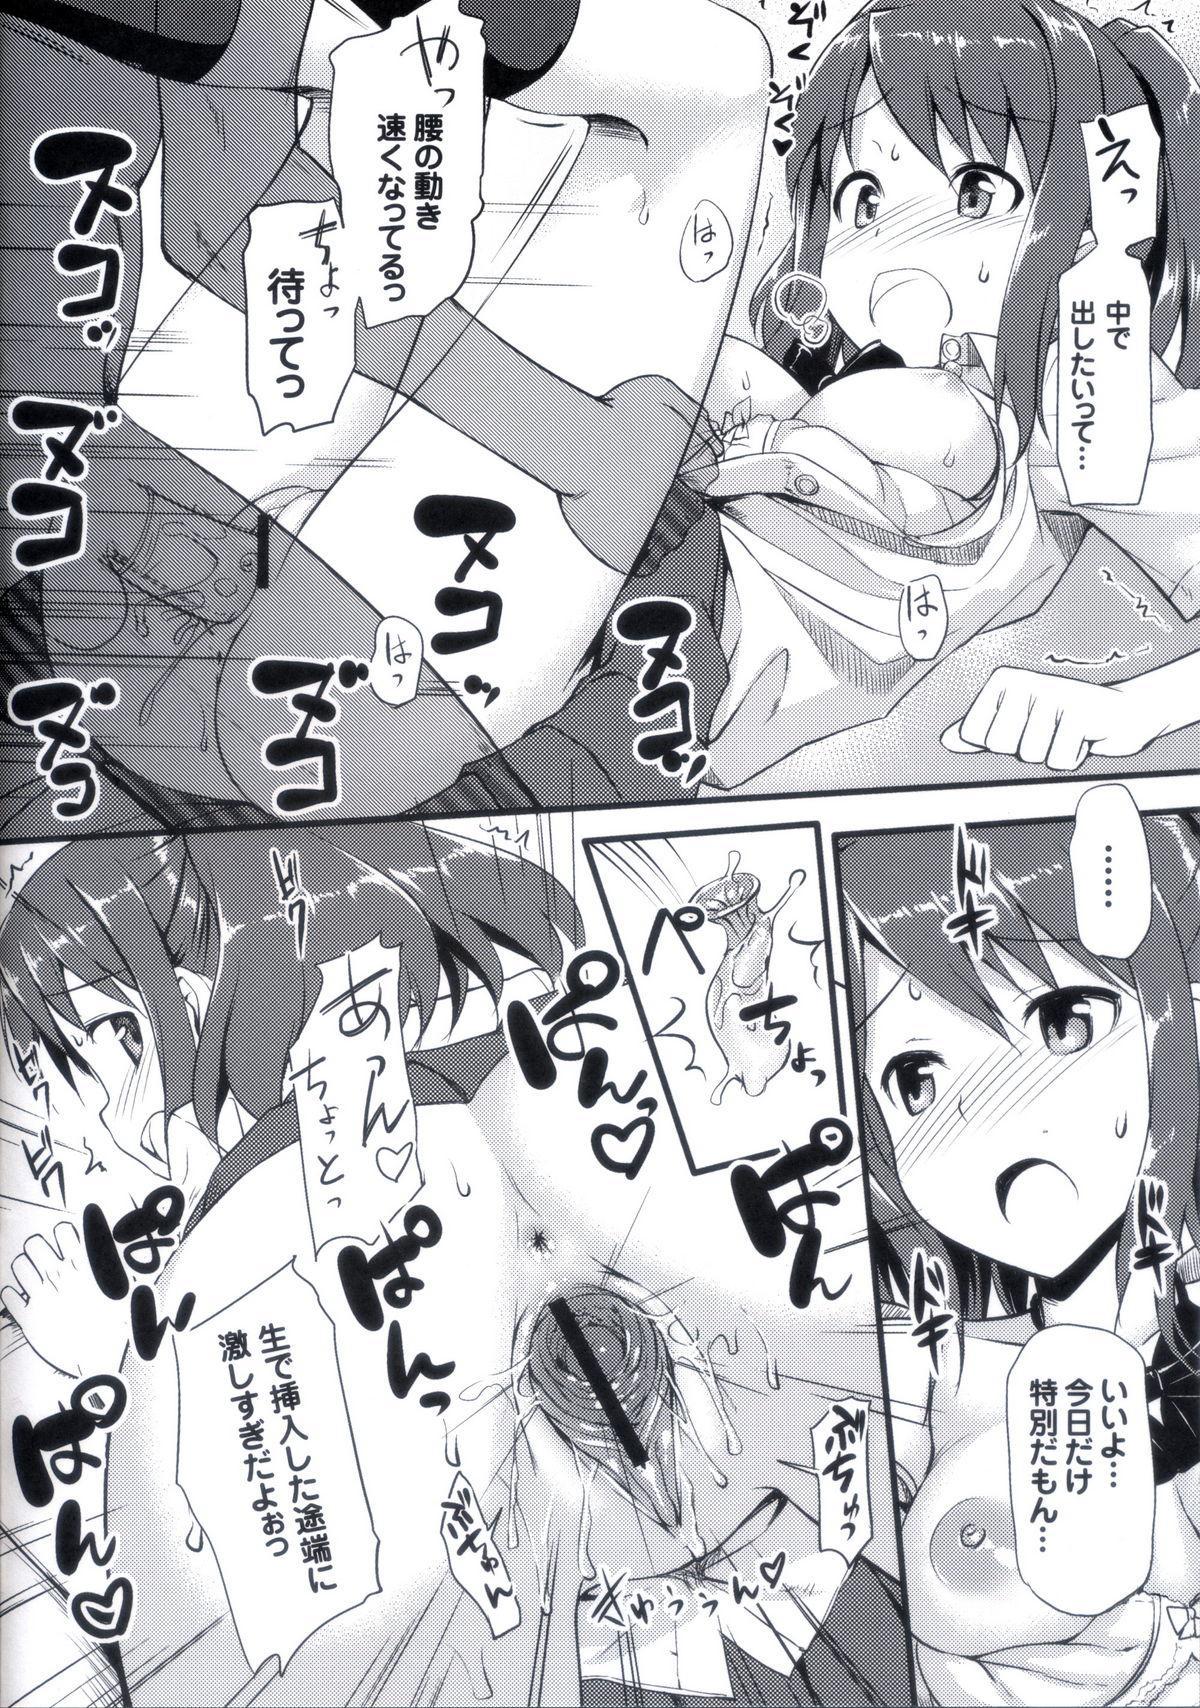 Koiito Kinenbi melonbooks Tokuten Kakioroshi 8p Shousasshi 3